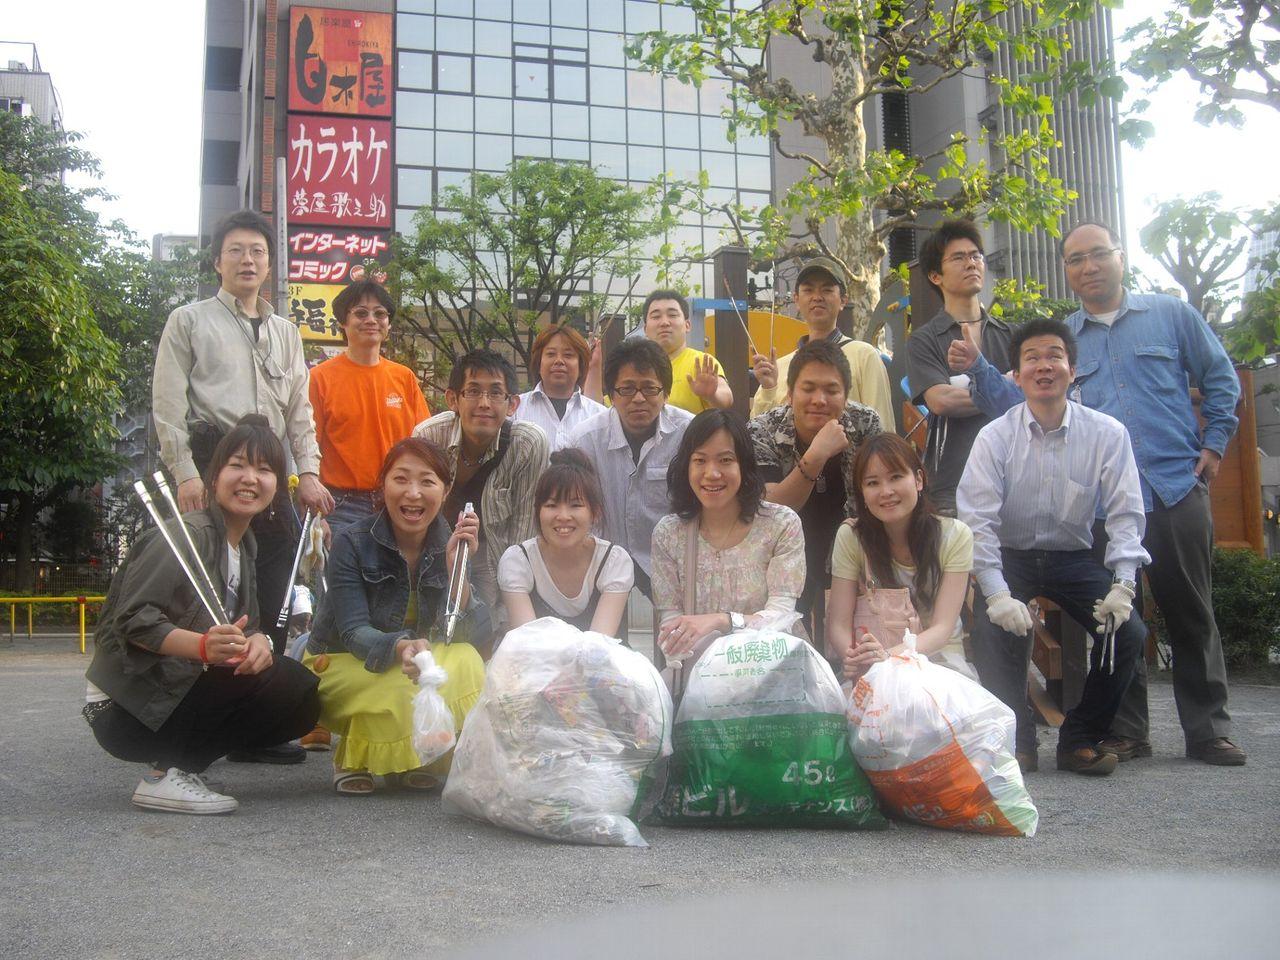 5月9日『新橋に飲みいこ!』ゴミ拾い活動(集合写真)